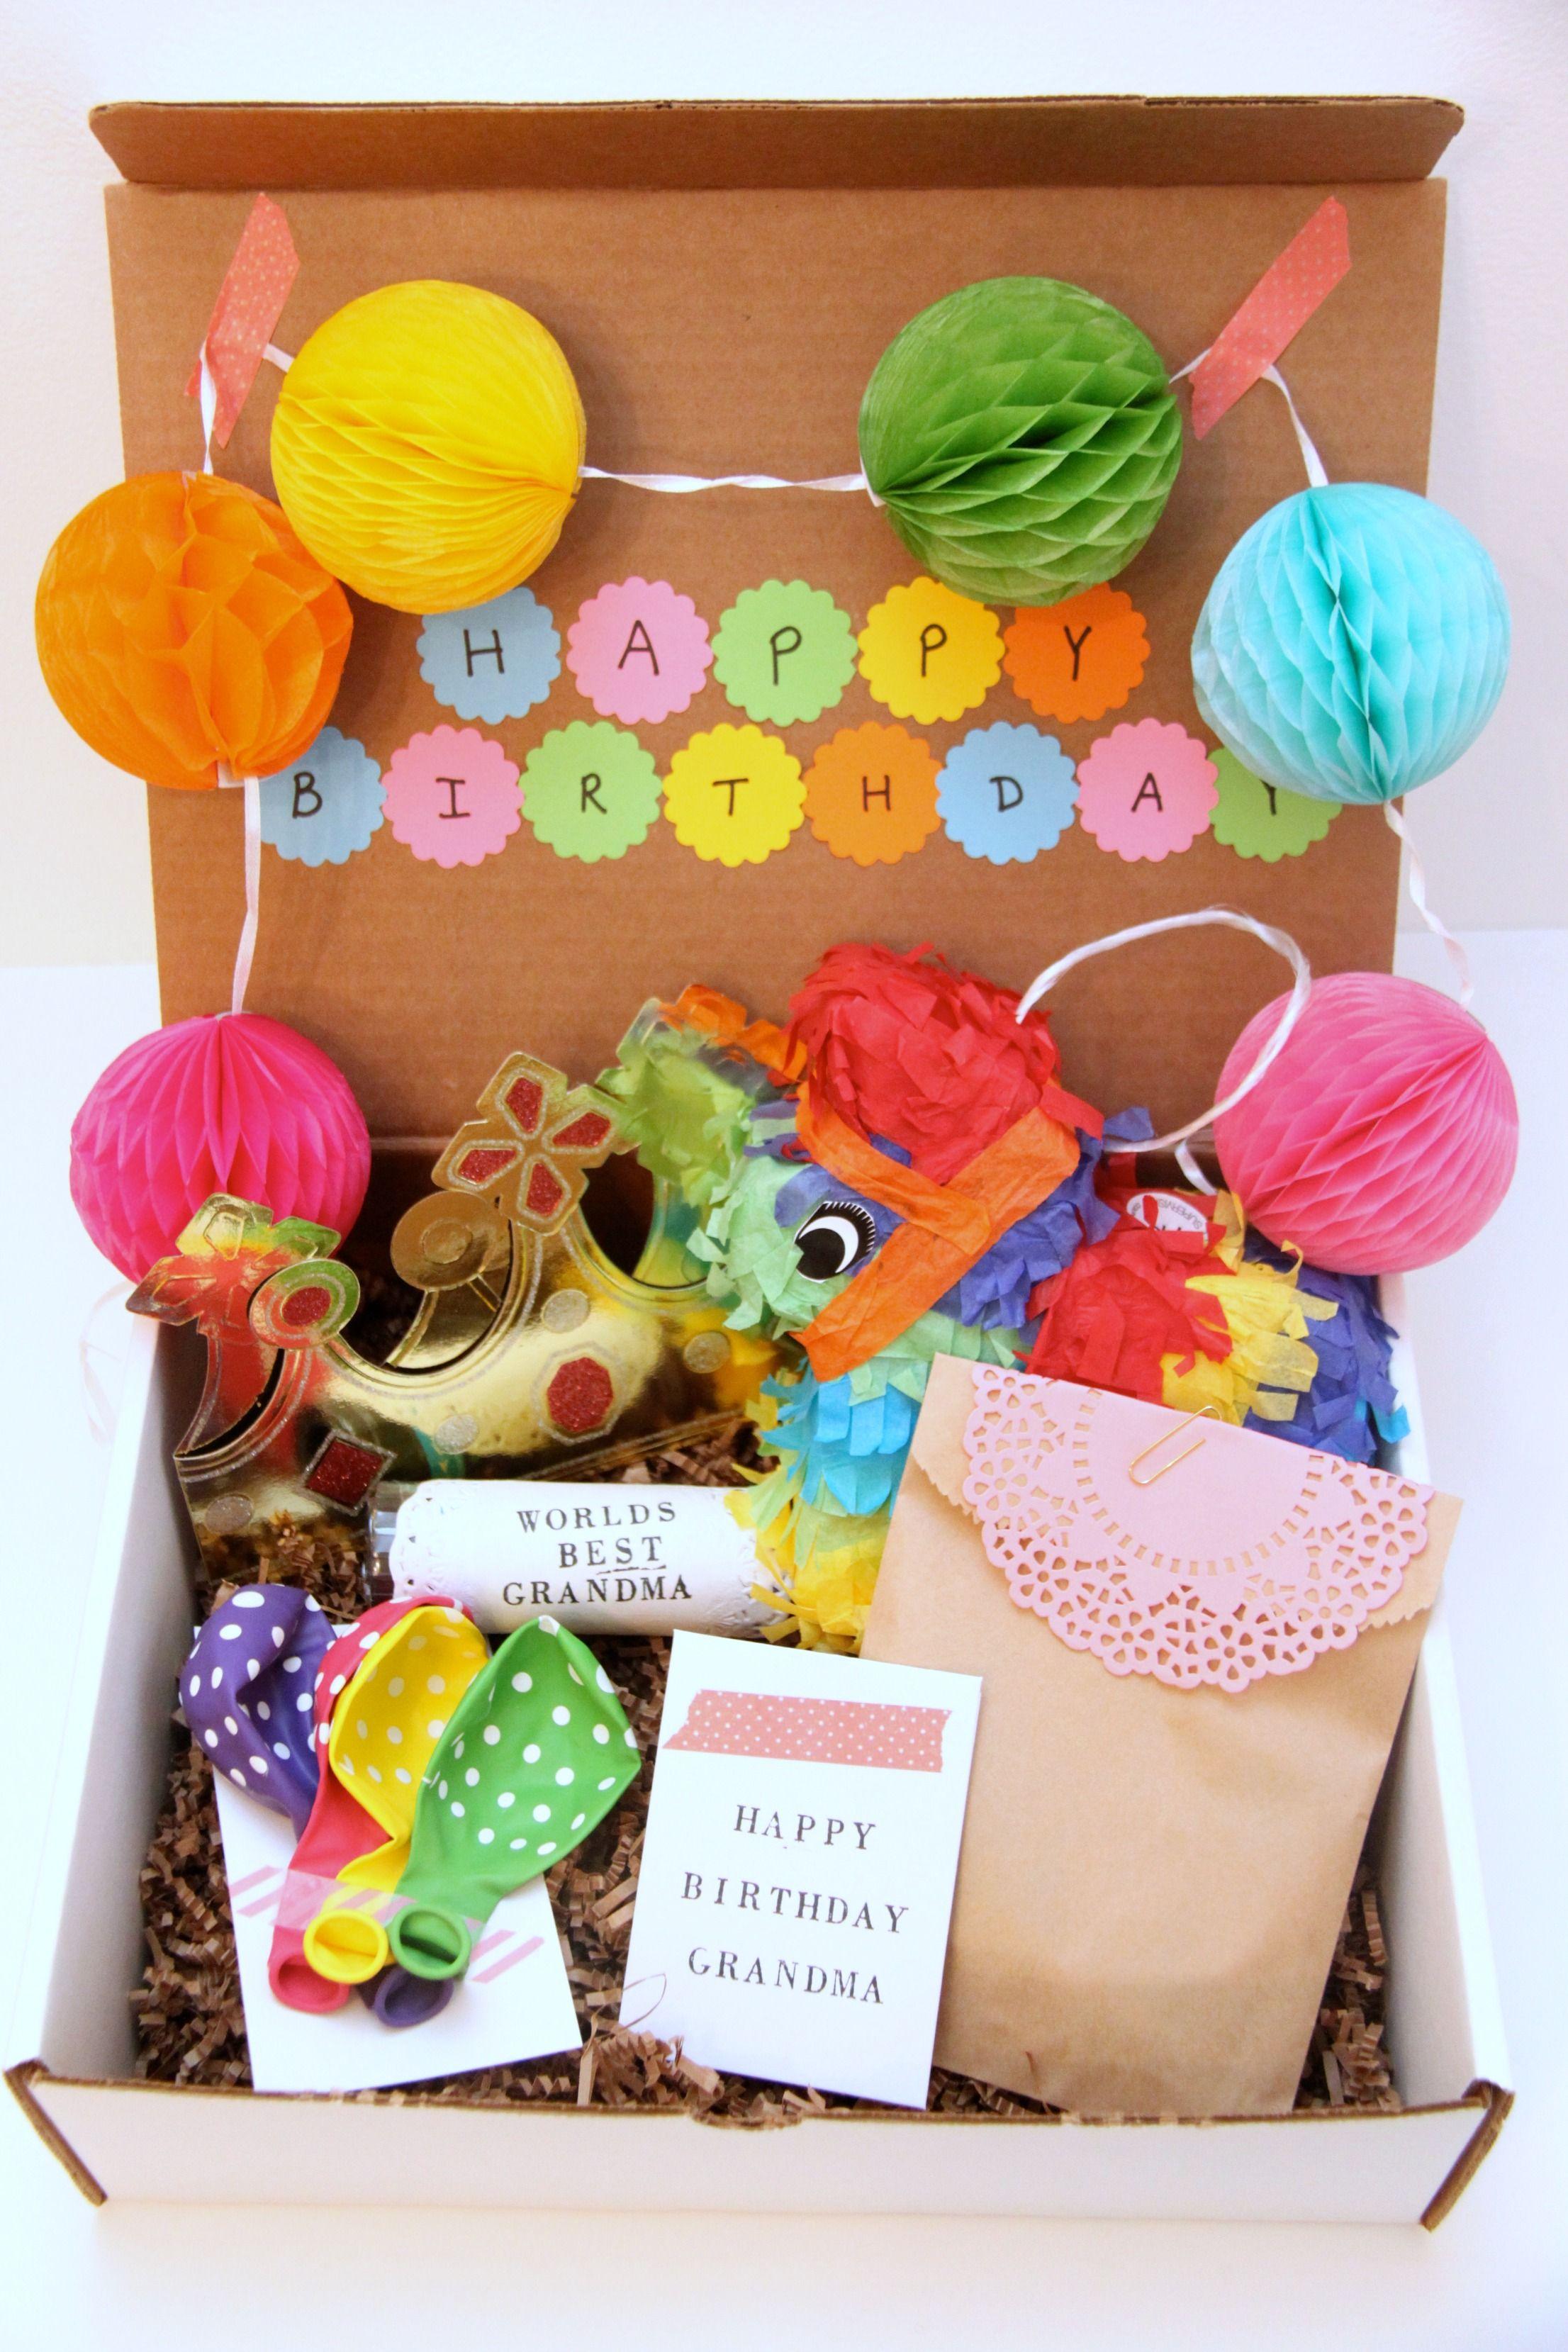 A birthdayinabox gift for grandma smashed peas